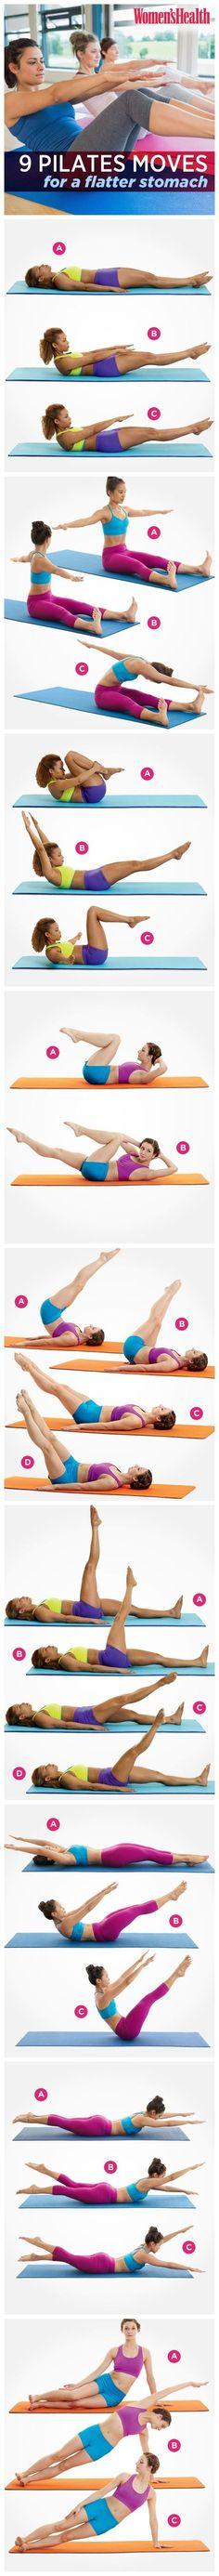 9 Movimientos de Pilates para un estómago plano - 9 Pilates Moves For A Flatter Stomach